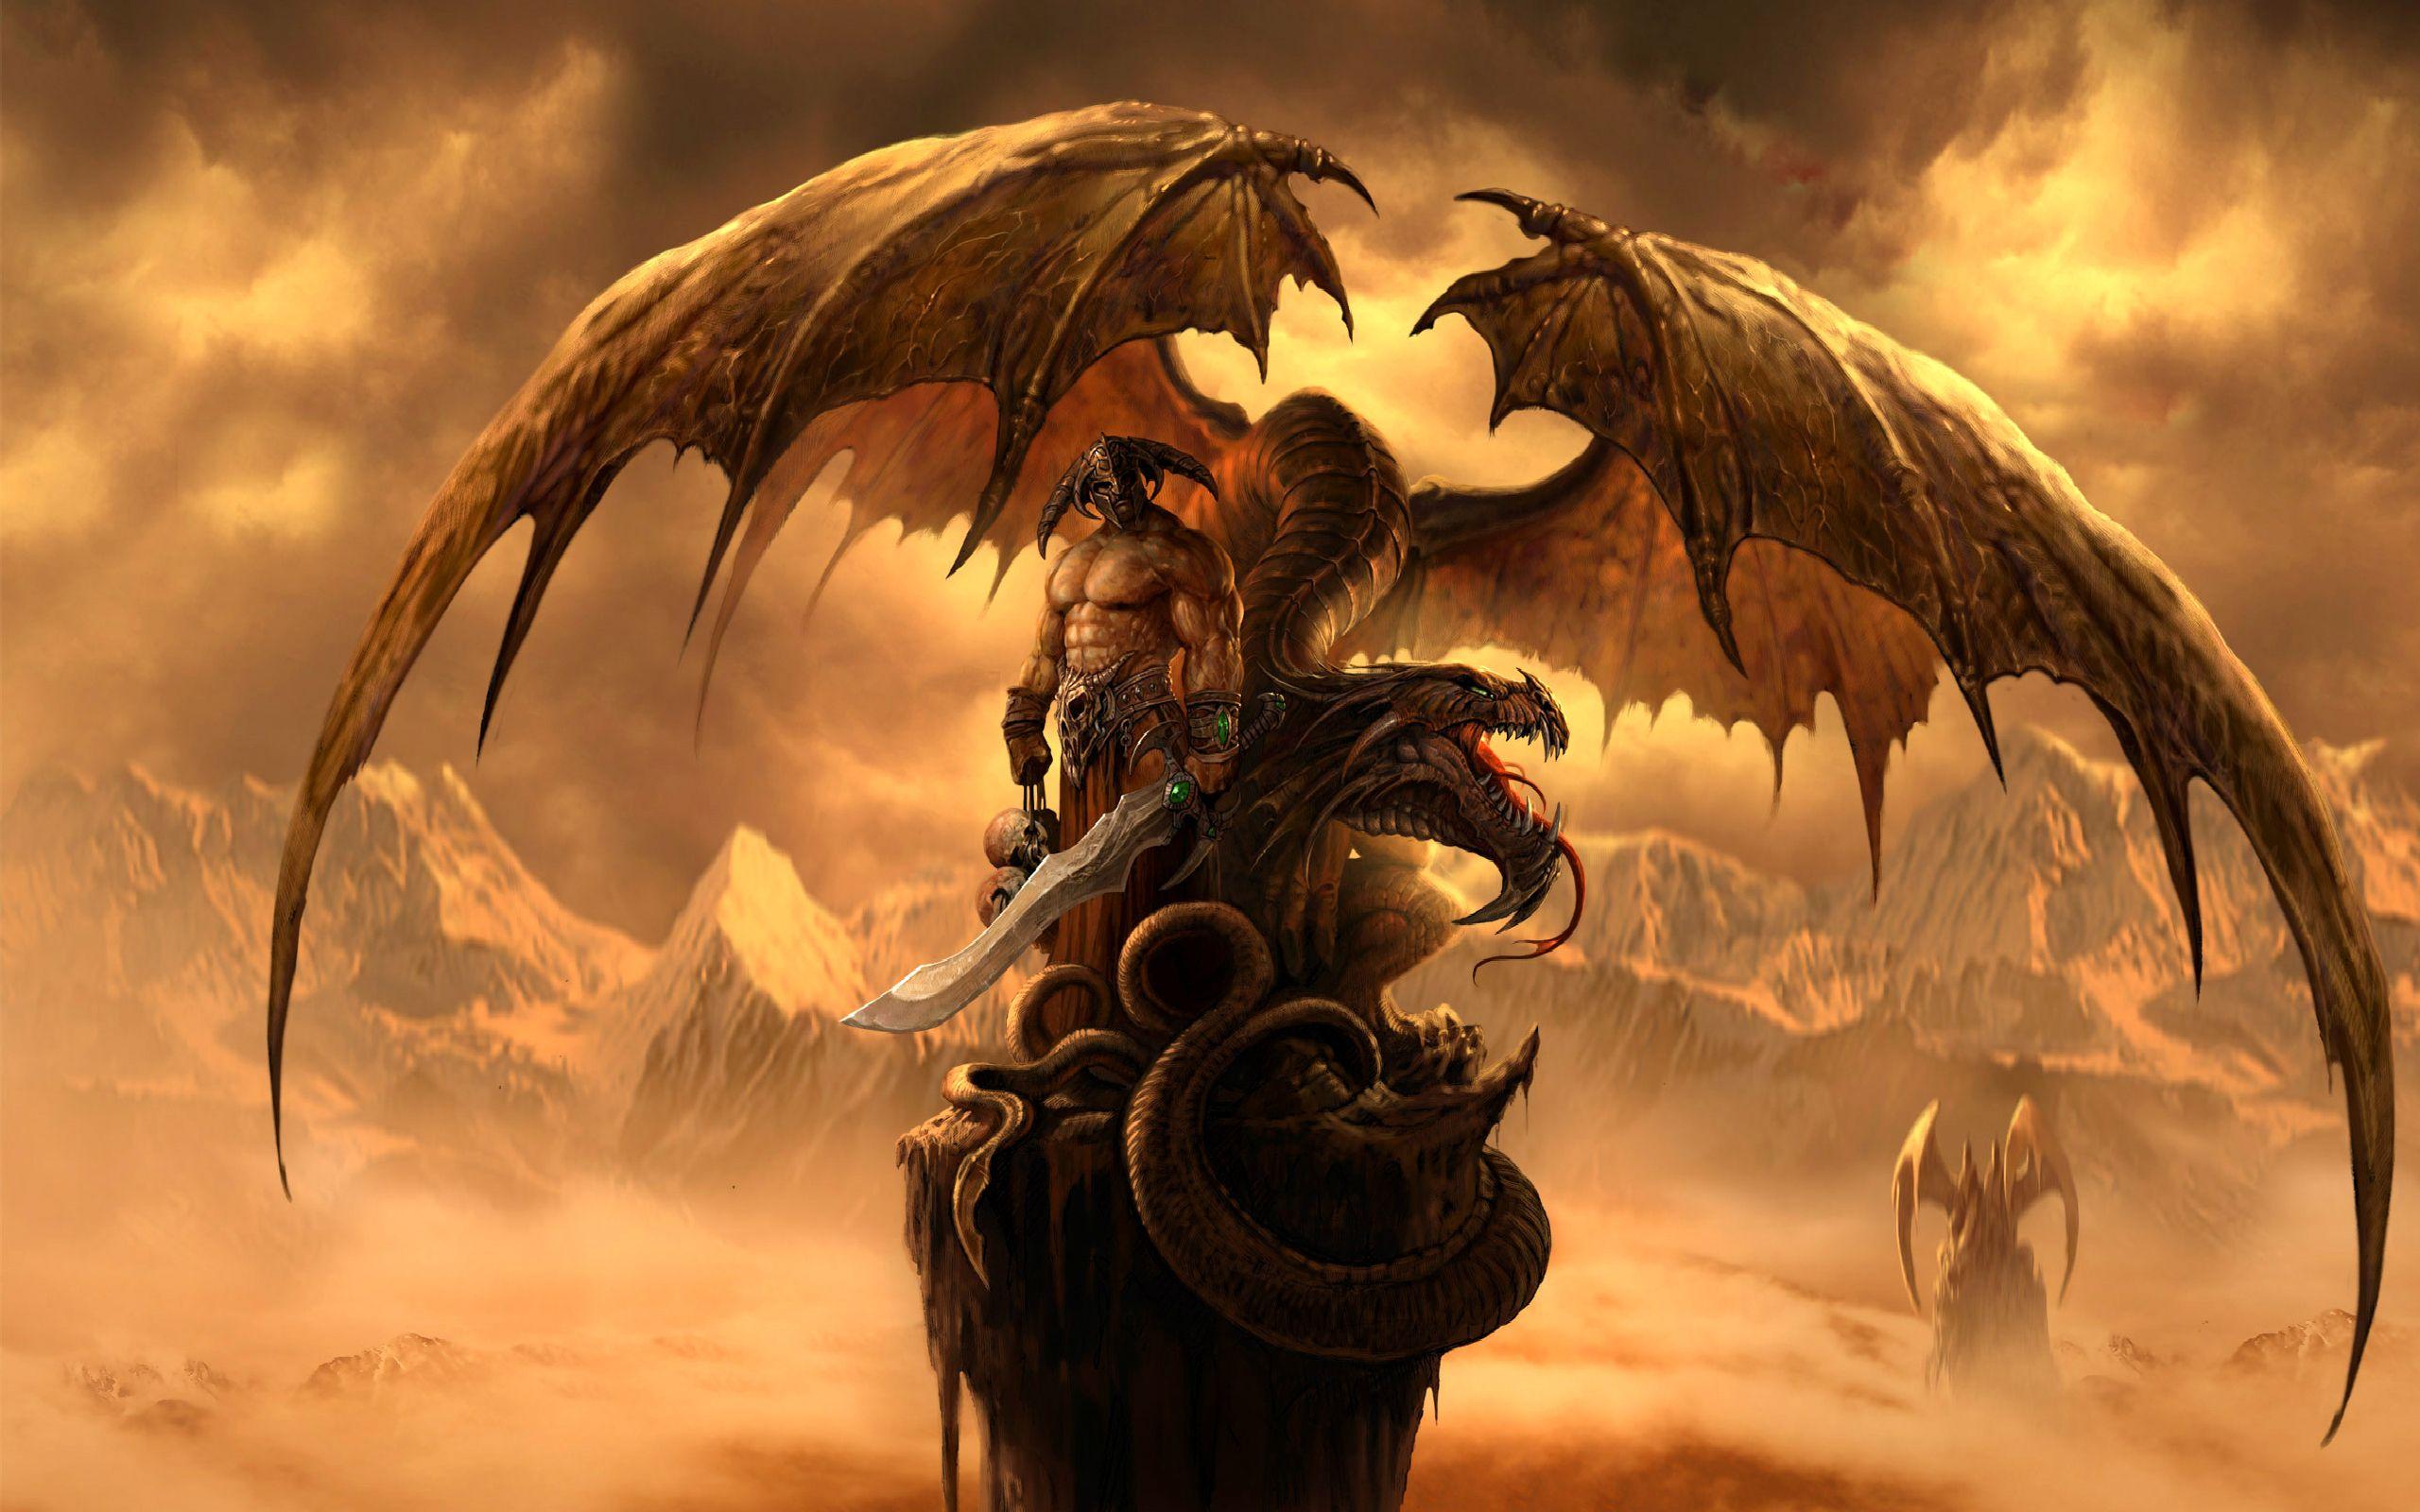 To Each His Own Fonds D Ecran Arrieres Plan 2560x1600 Id 137464 Dragon Fantastique Guerrier Dragon Images De Dragons